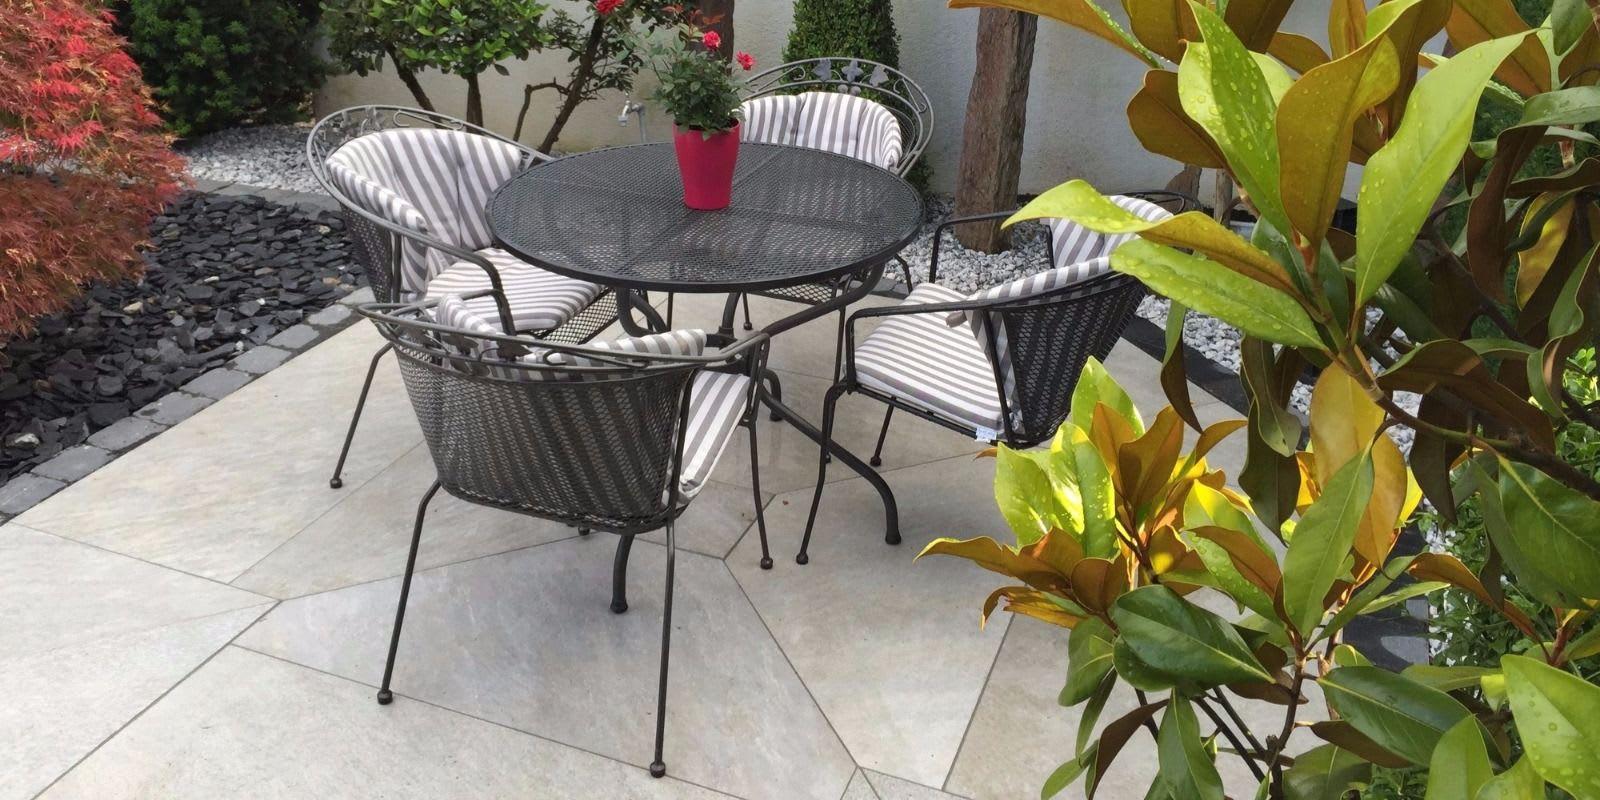 Terrasse mit Stühlen und Natursteinplatten